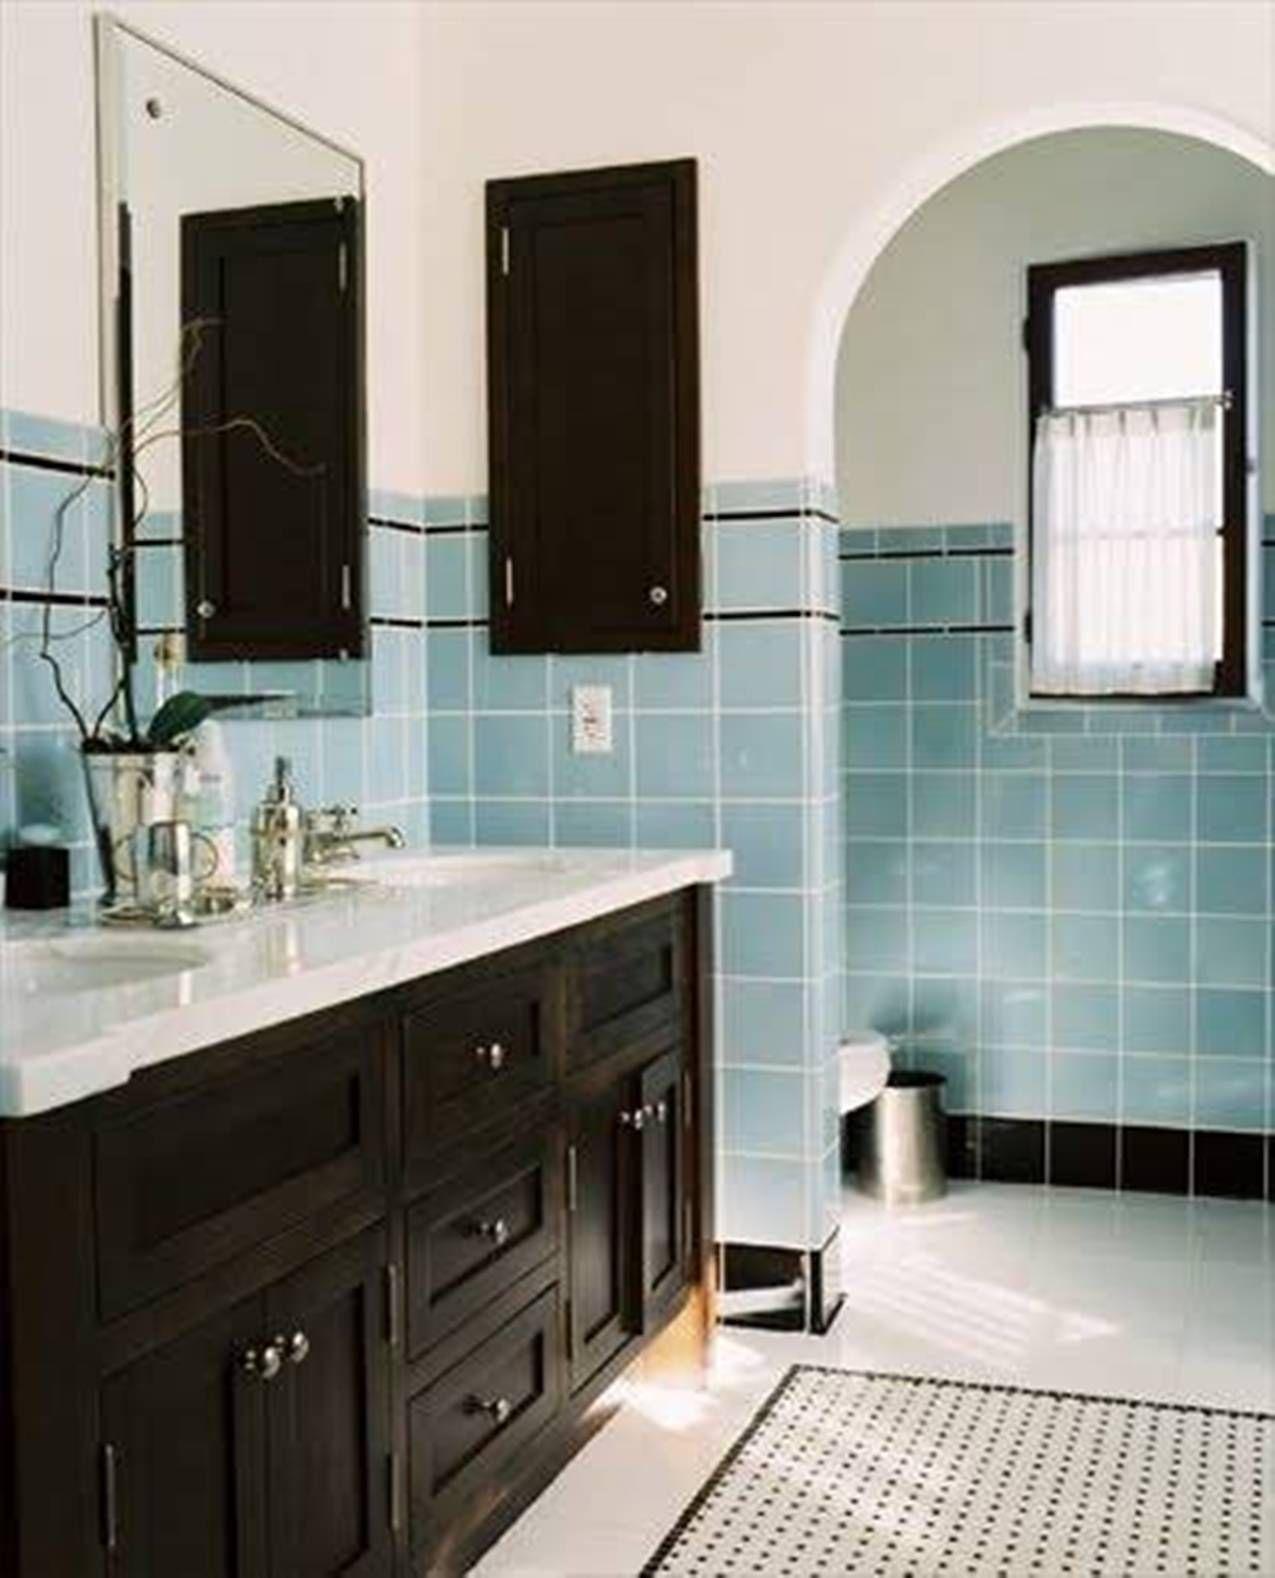 Classic Vintage Vintage Bathroom Ideas Blue Bathroom Tile Retro Bathrooms Vintage Bathroom Tile